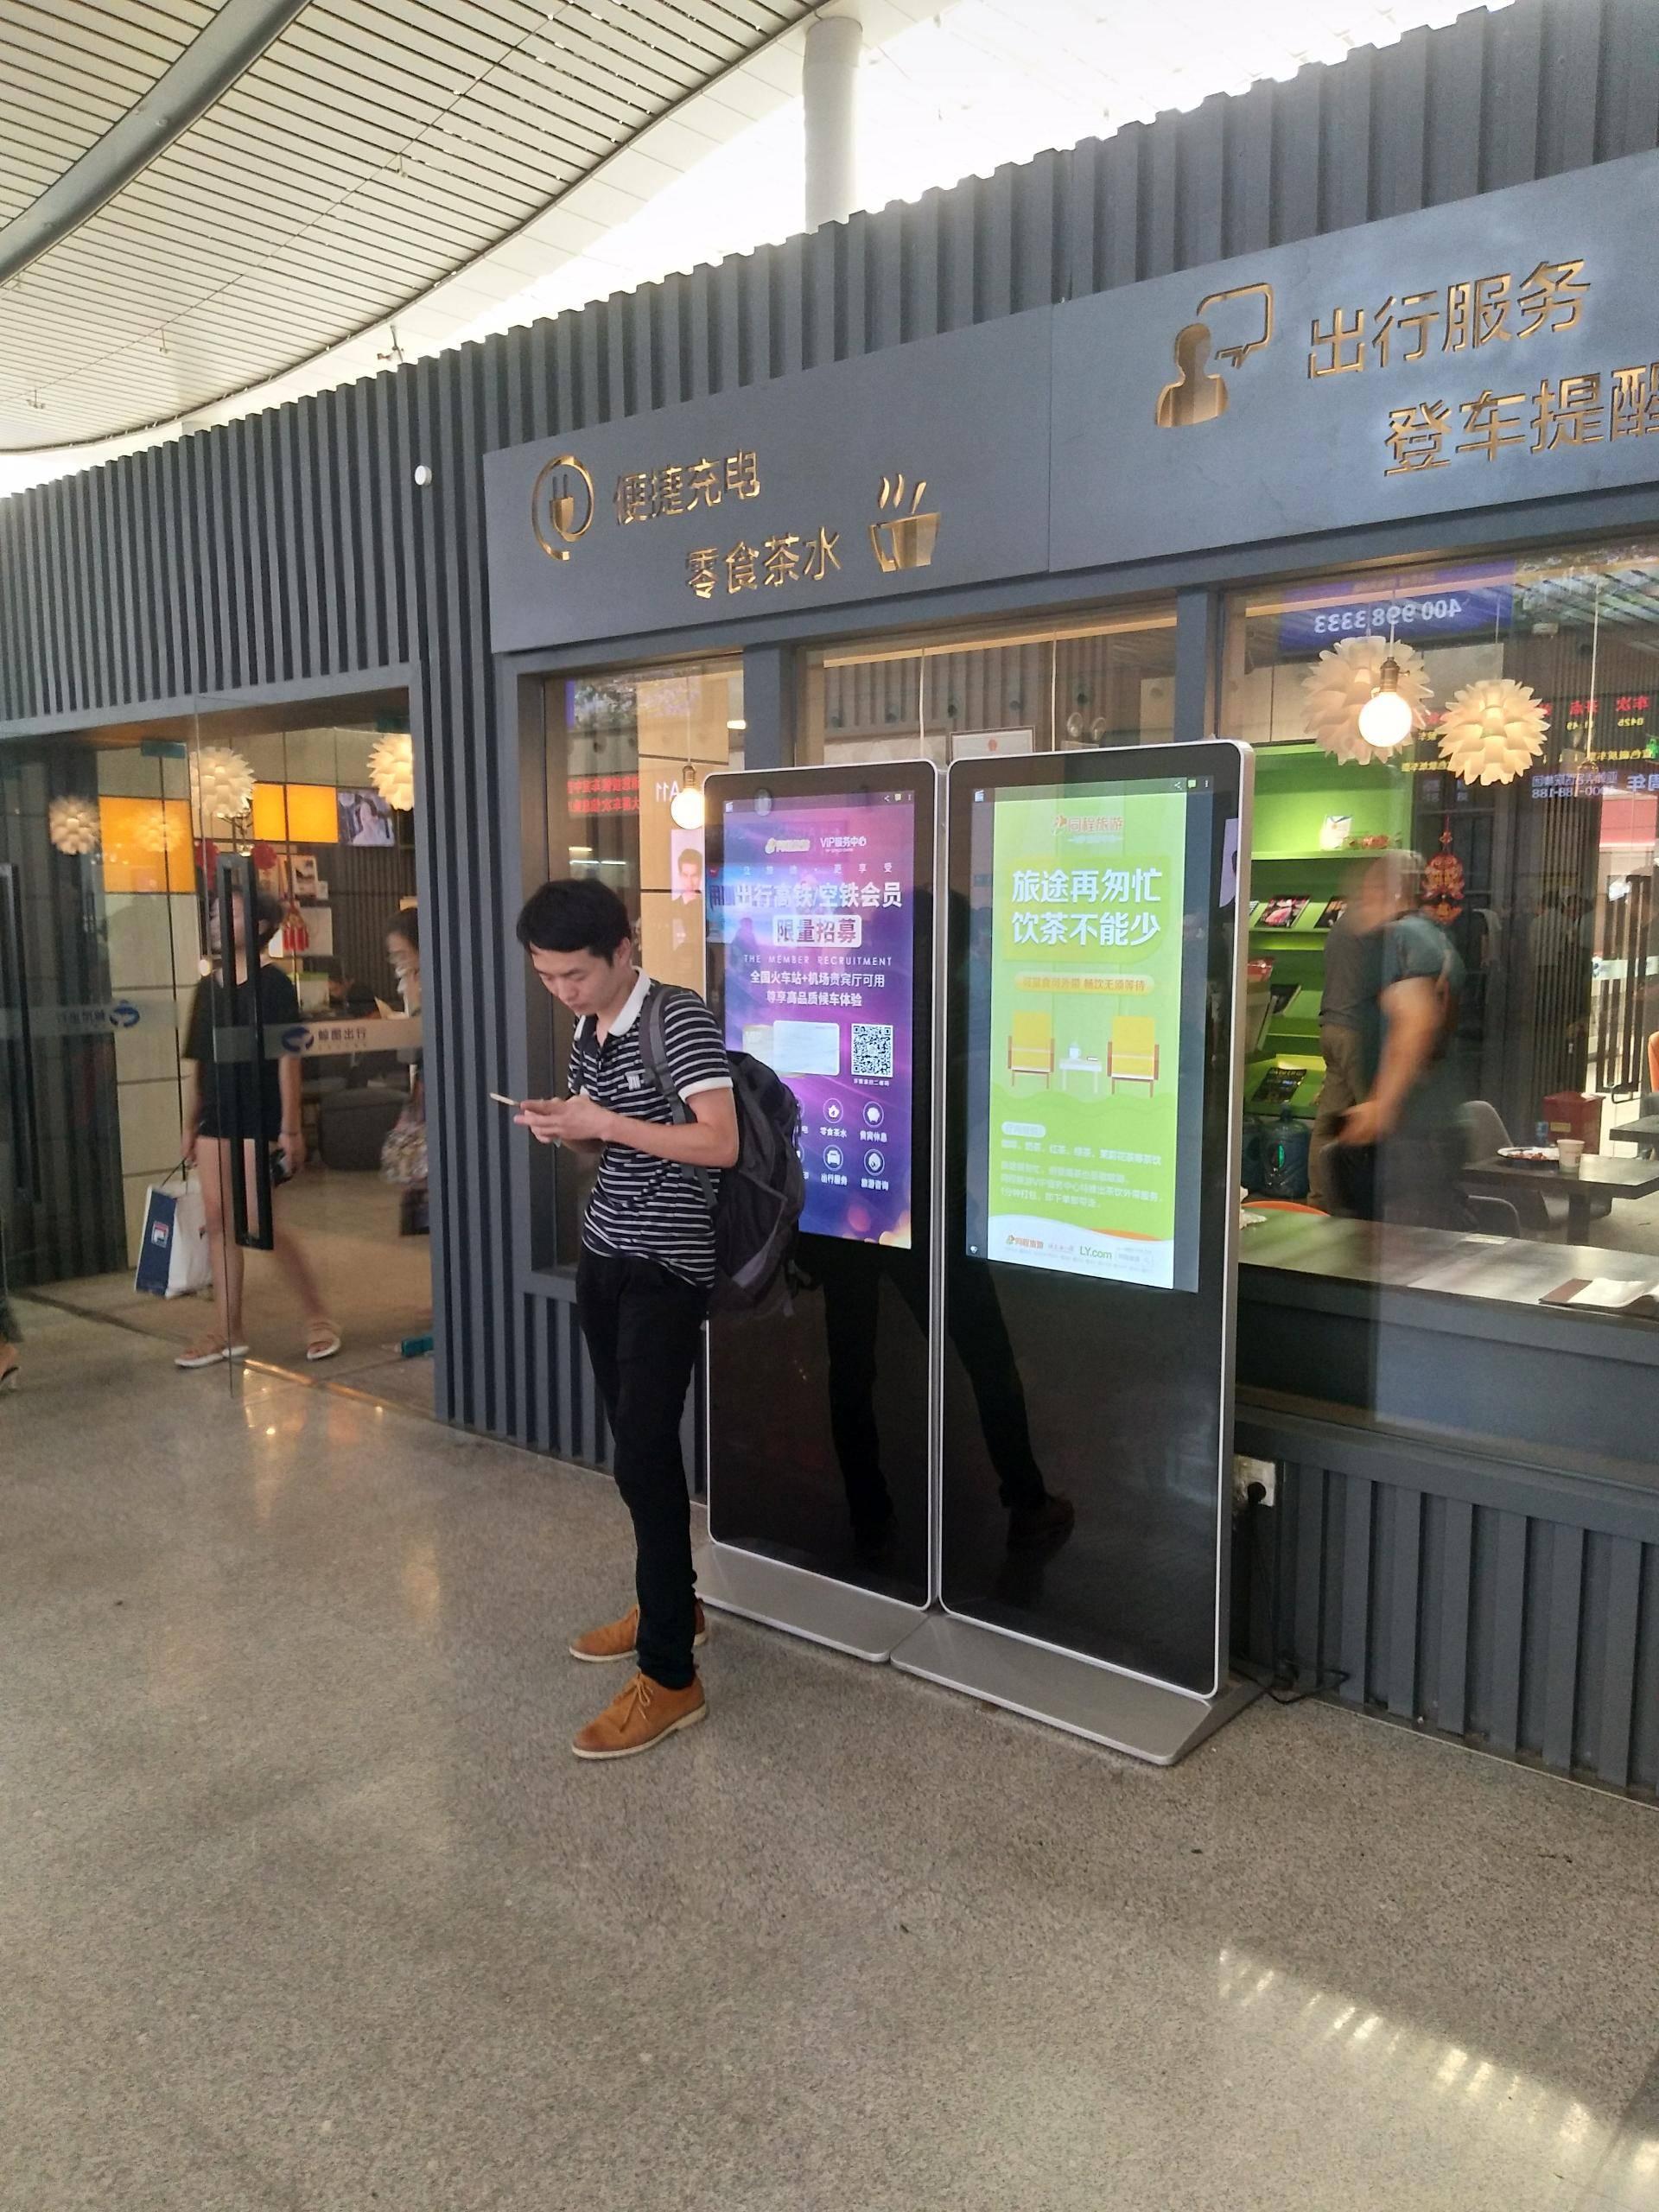 长沙南站2楼候车室广告机